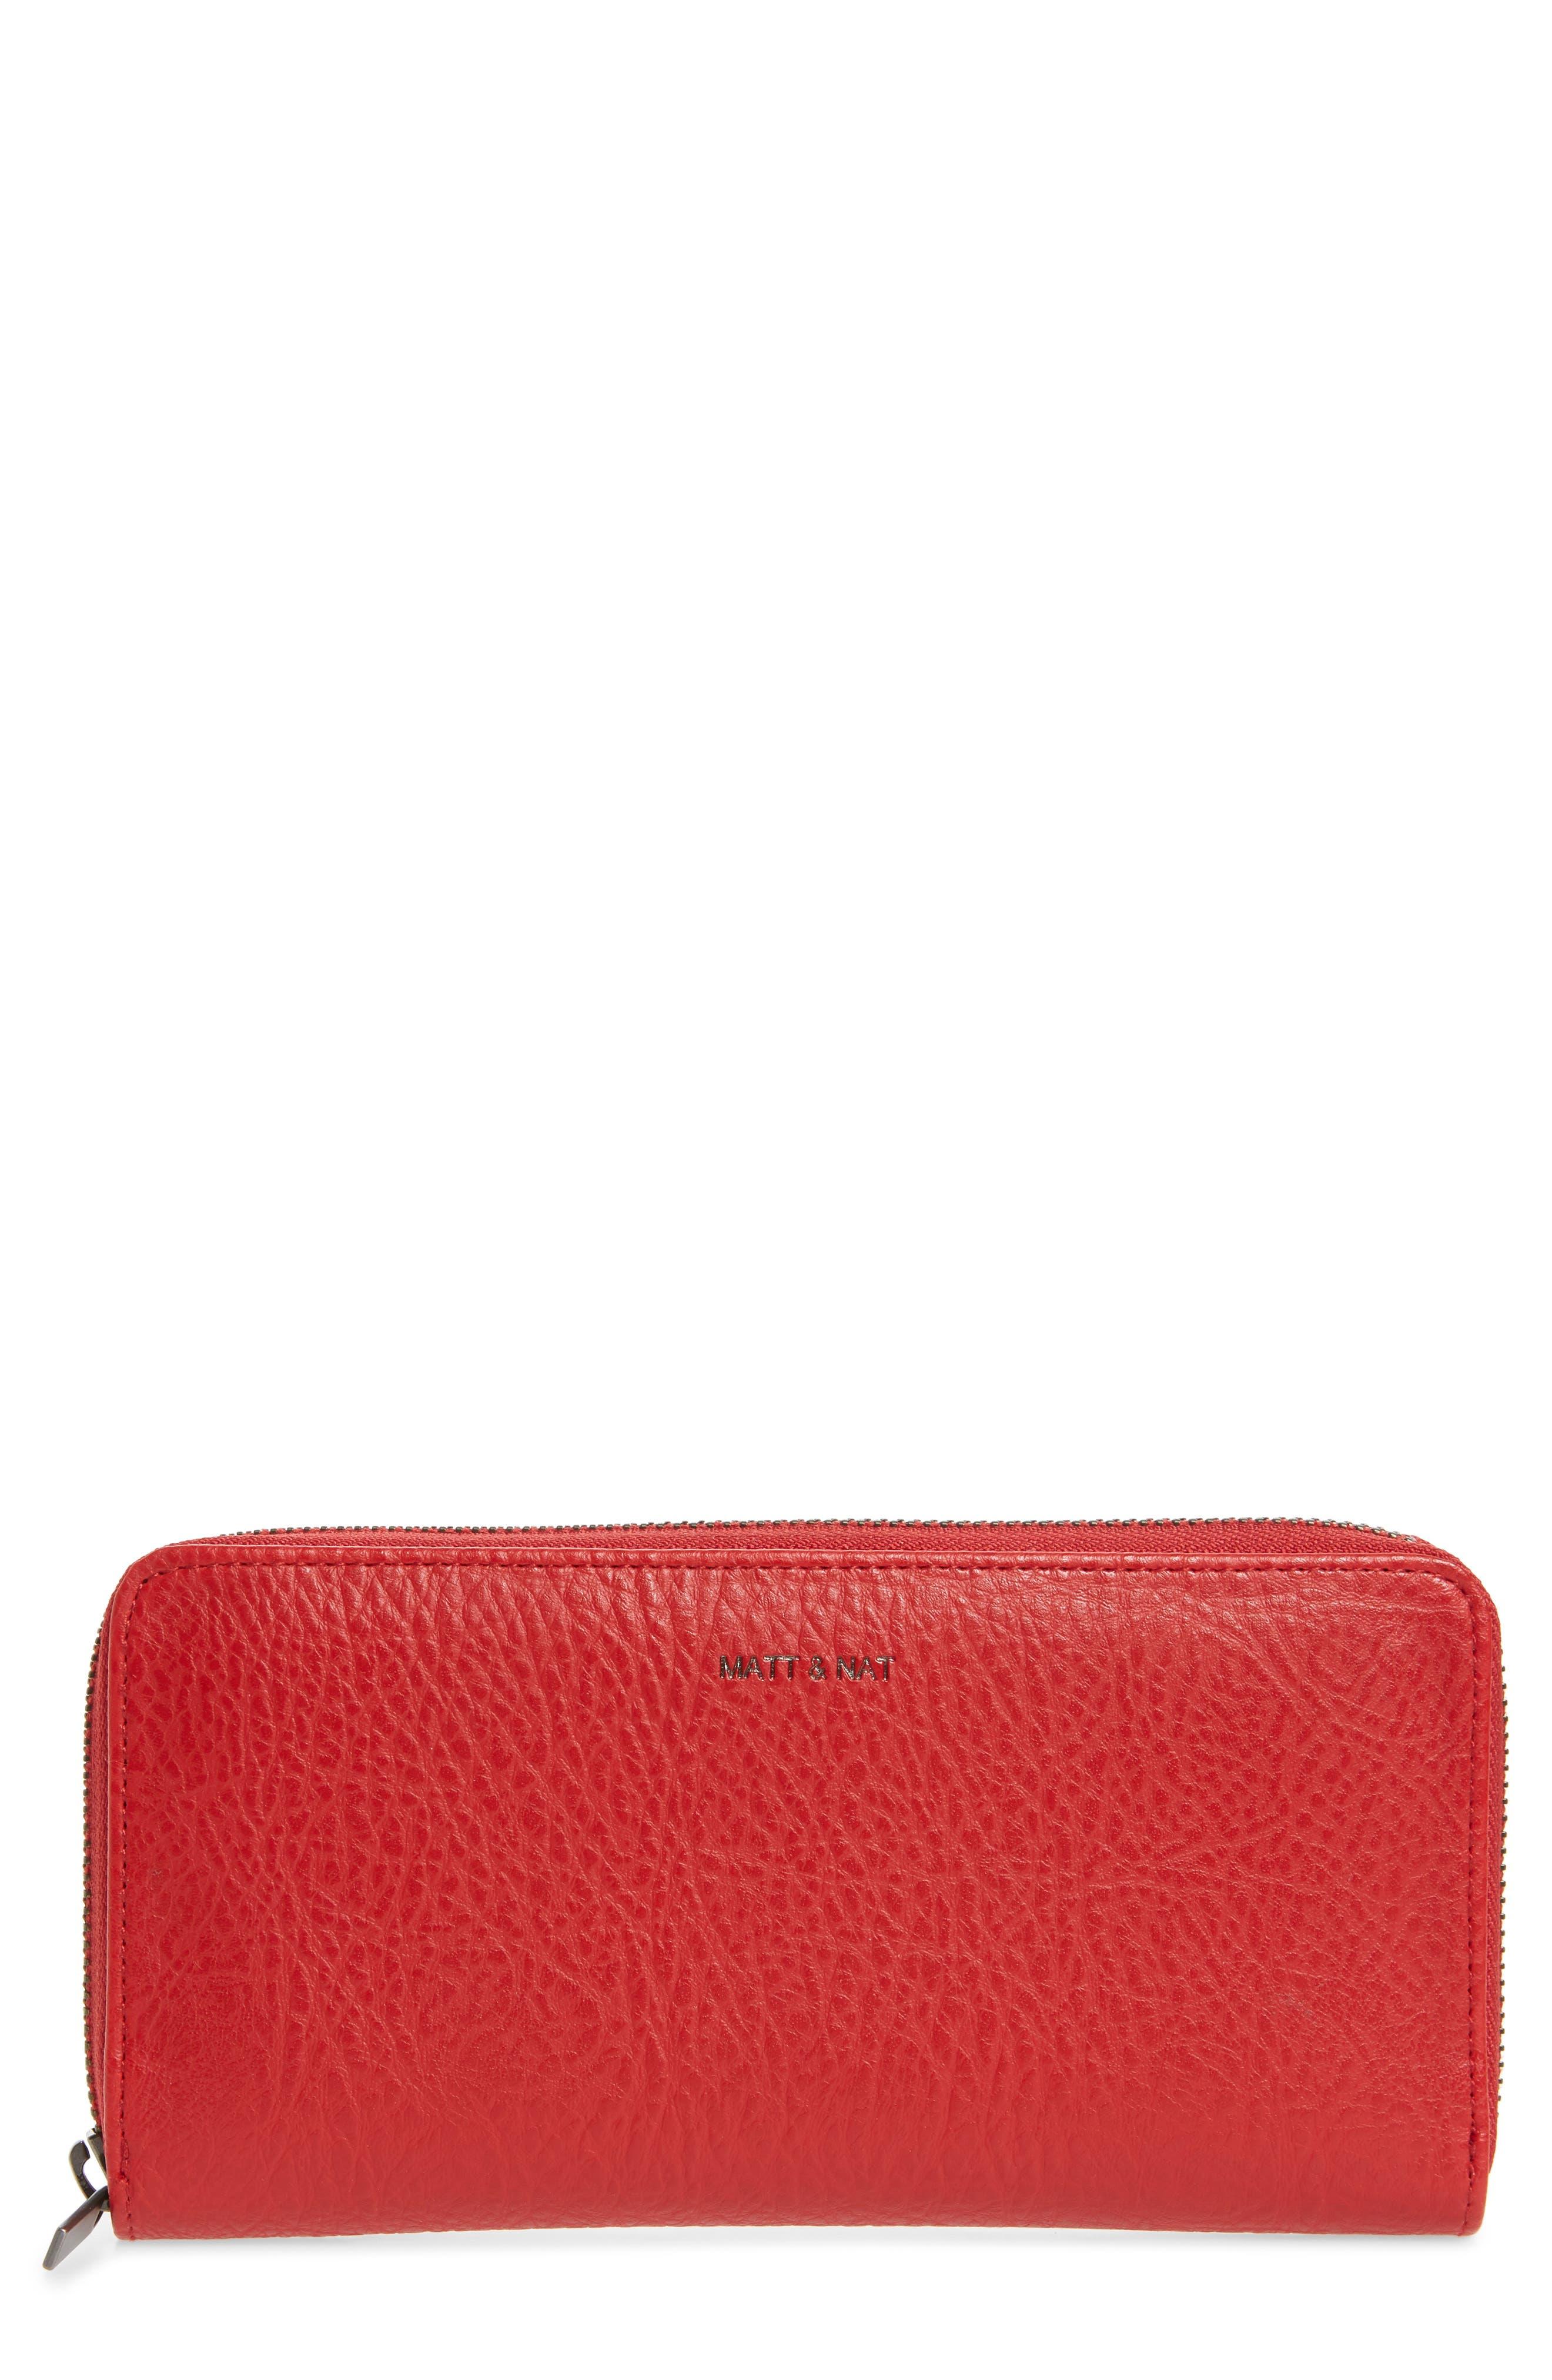 Matt & Nat Zip Around Faux Leather Wallet - Red